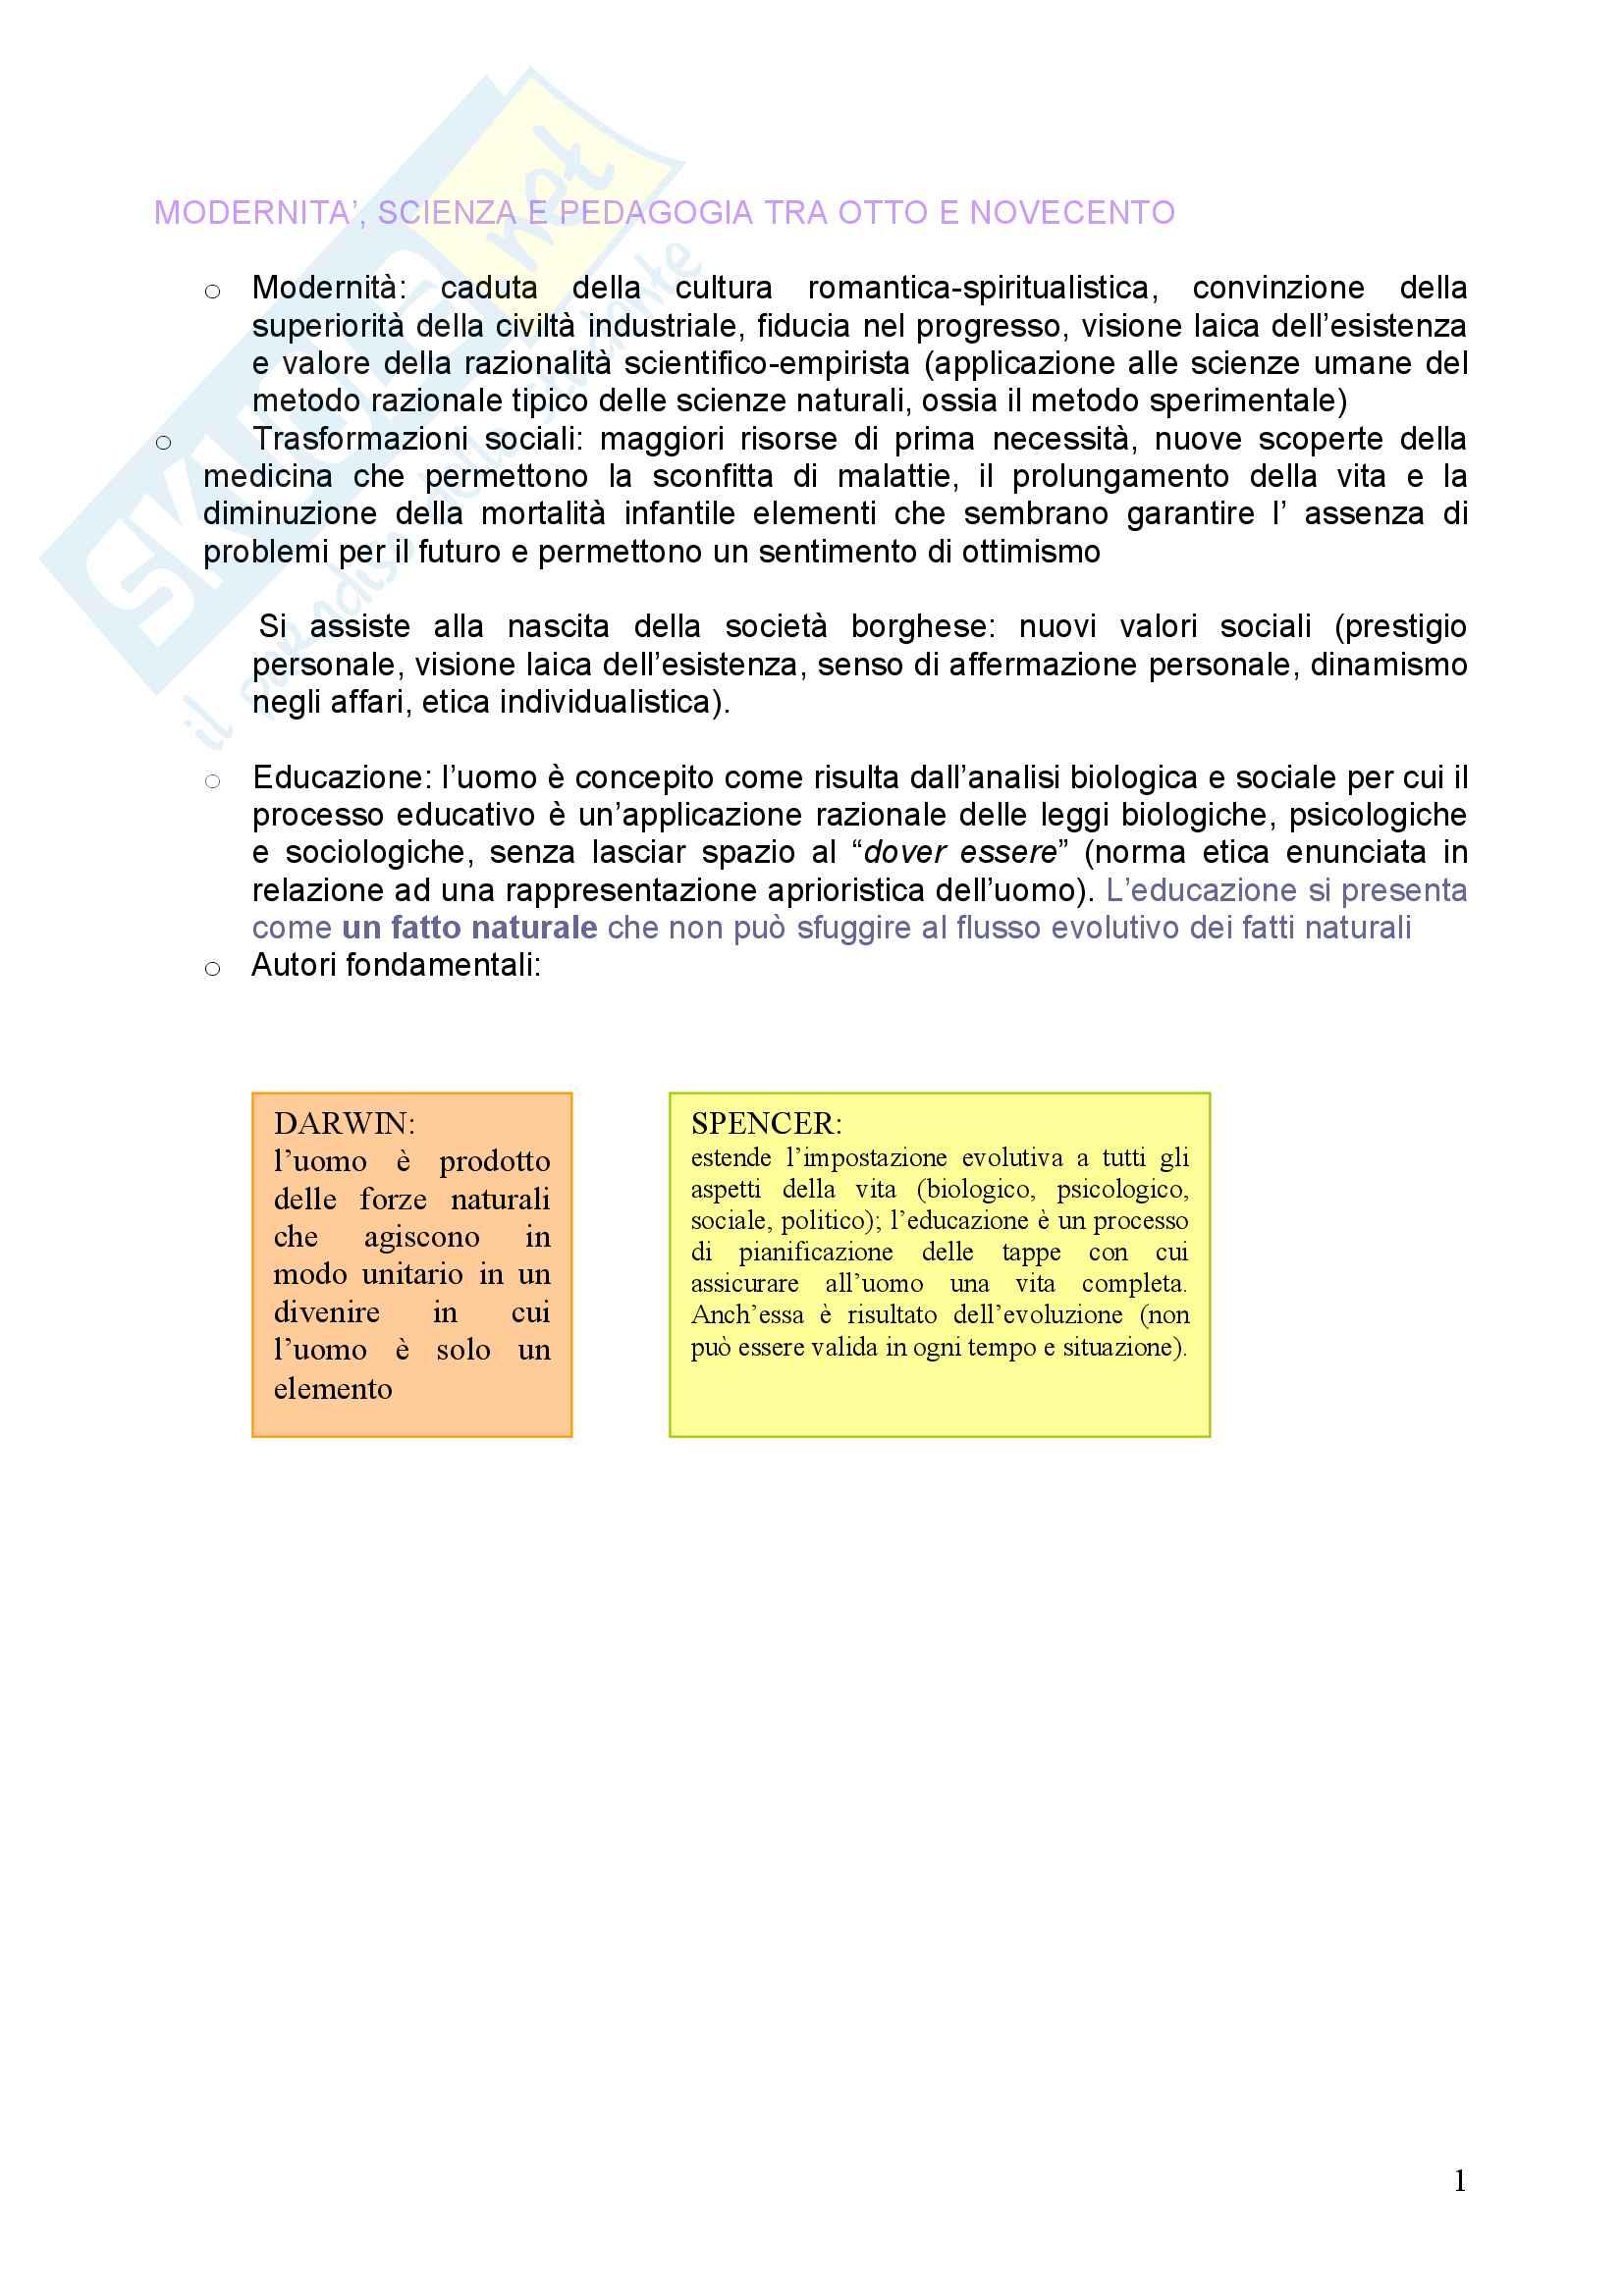 Riassunto esame Pedagogia, prof. Chiosso, libro consigliato Novecento pedagogico